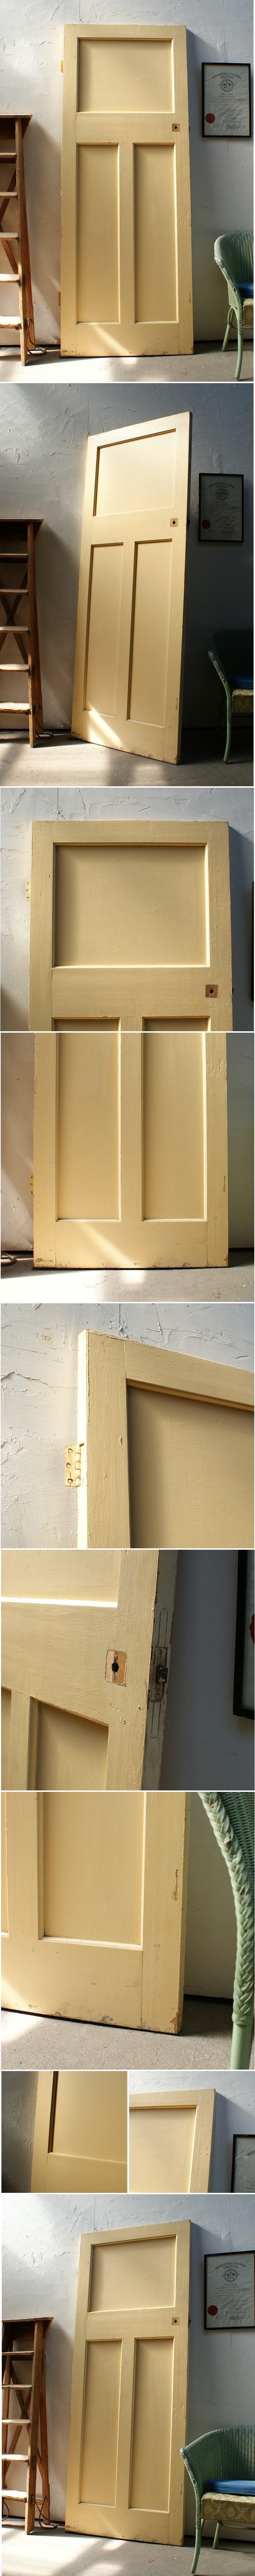 イギリス アンティーク 木製ドア 扉 ディスプレイ 建具 2977